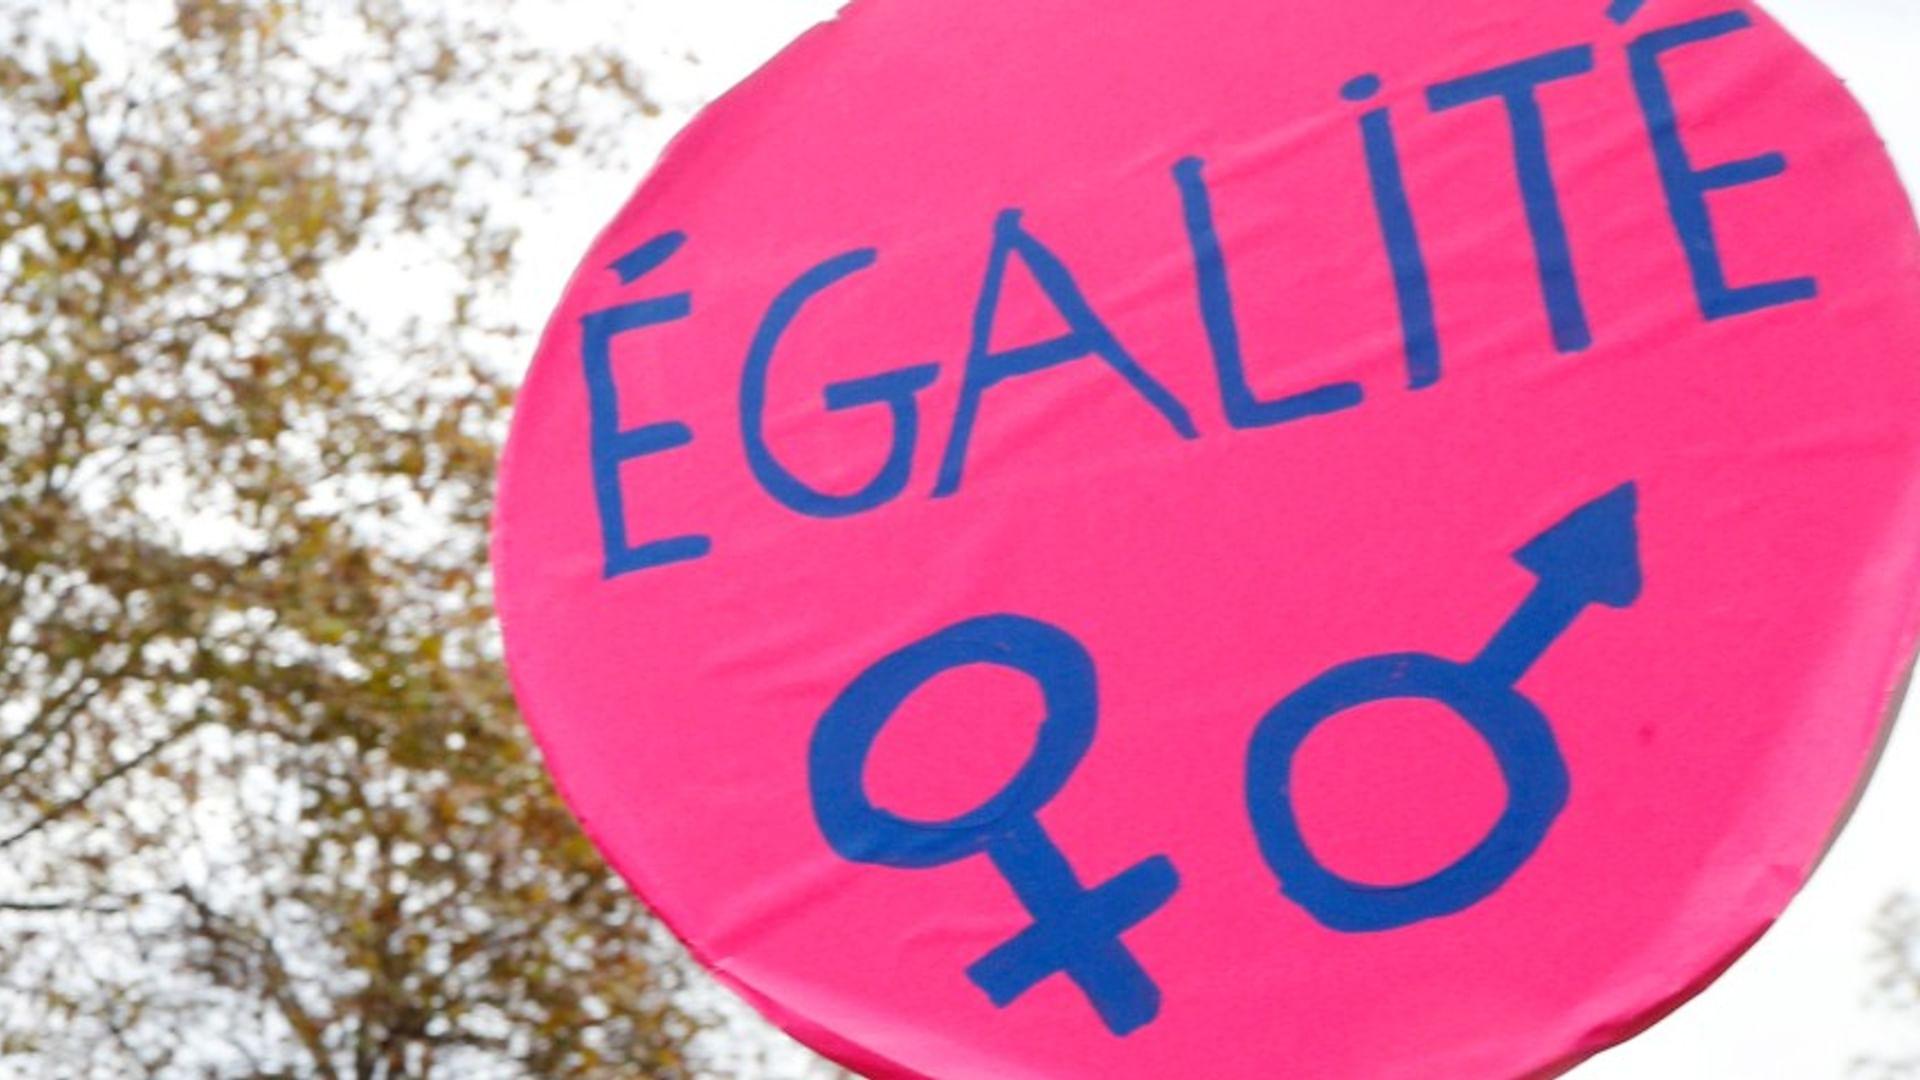 Frauenrechte und Gleichstellung im Rampenlicht